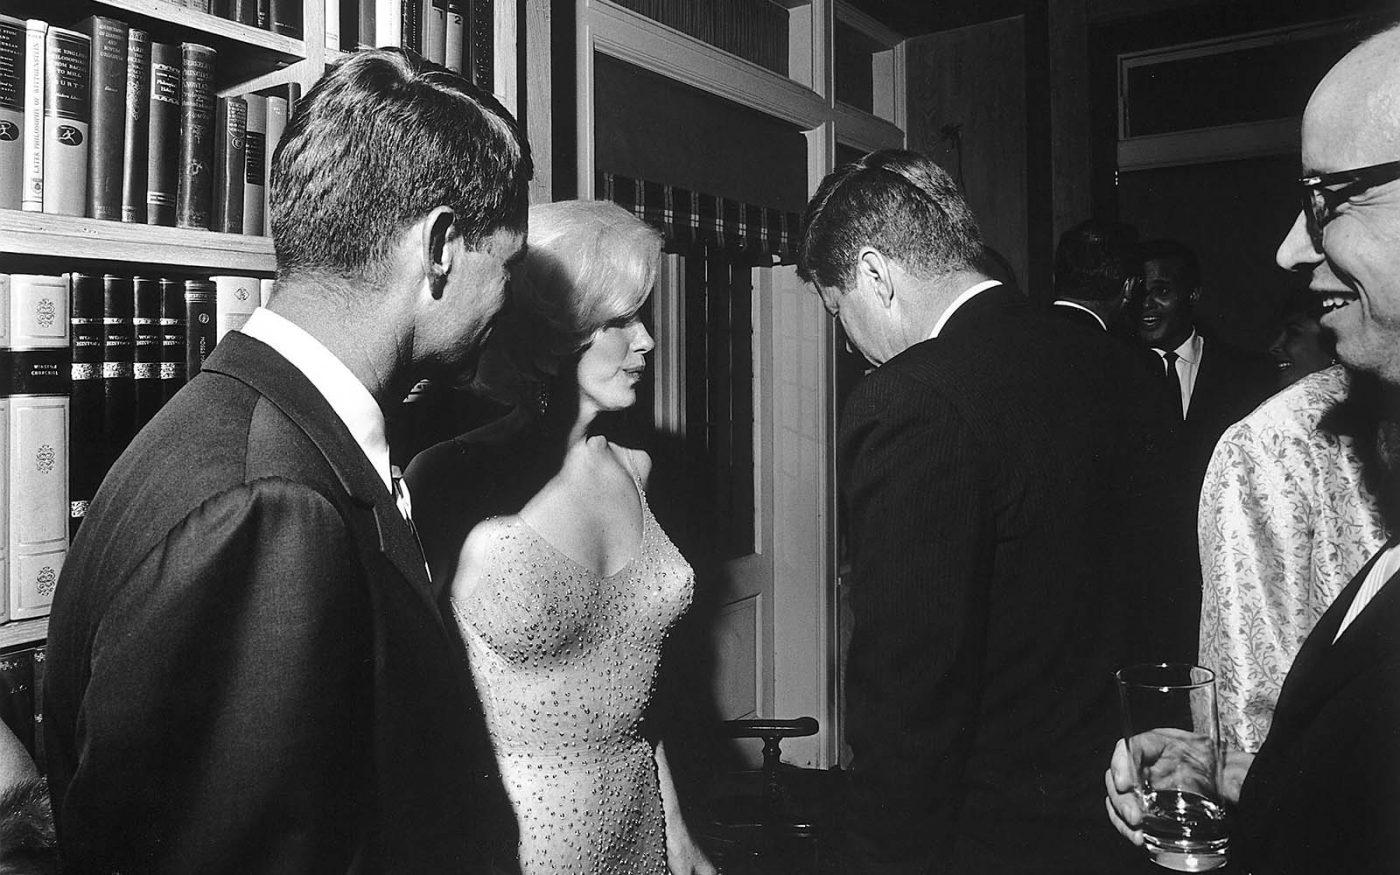 Фотография Президента Кеннеди и Мэрилин Монро, 1962